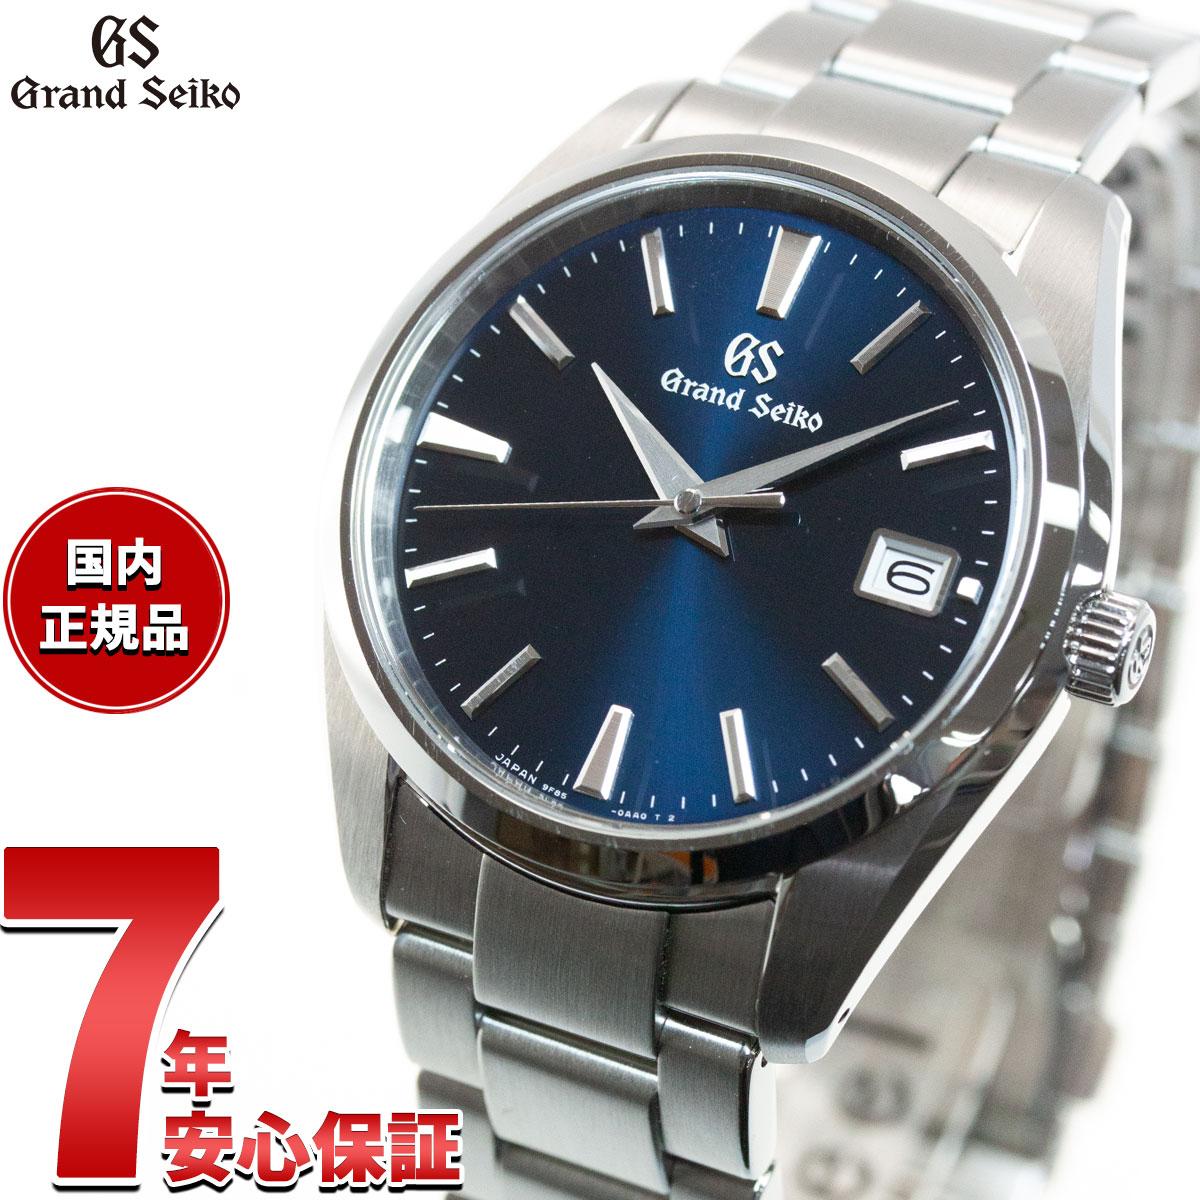 腕時計, メンズ腕時計 34 9F SBGP013 9F85 40mm GRAND SEIKO